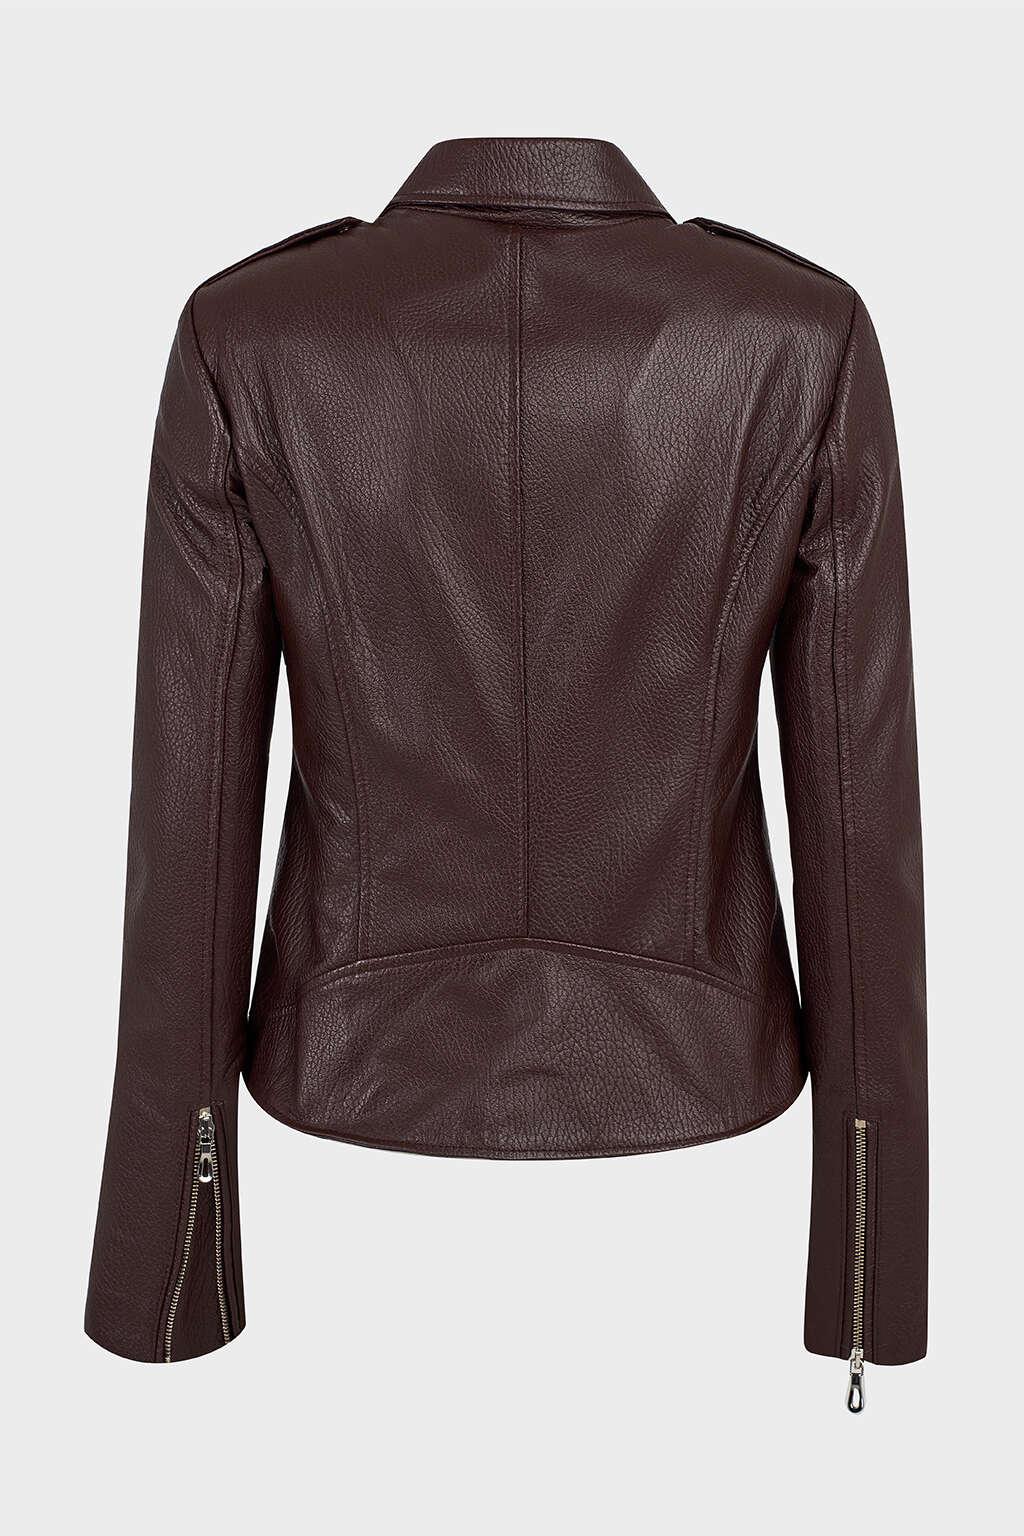 Back of Brown Detailed Collar Biker Leather Jacket